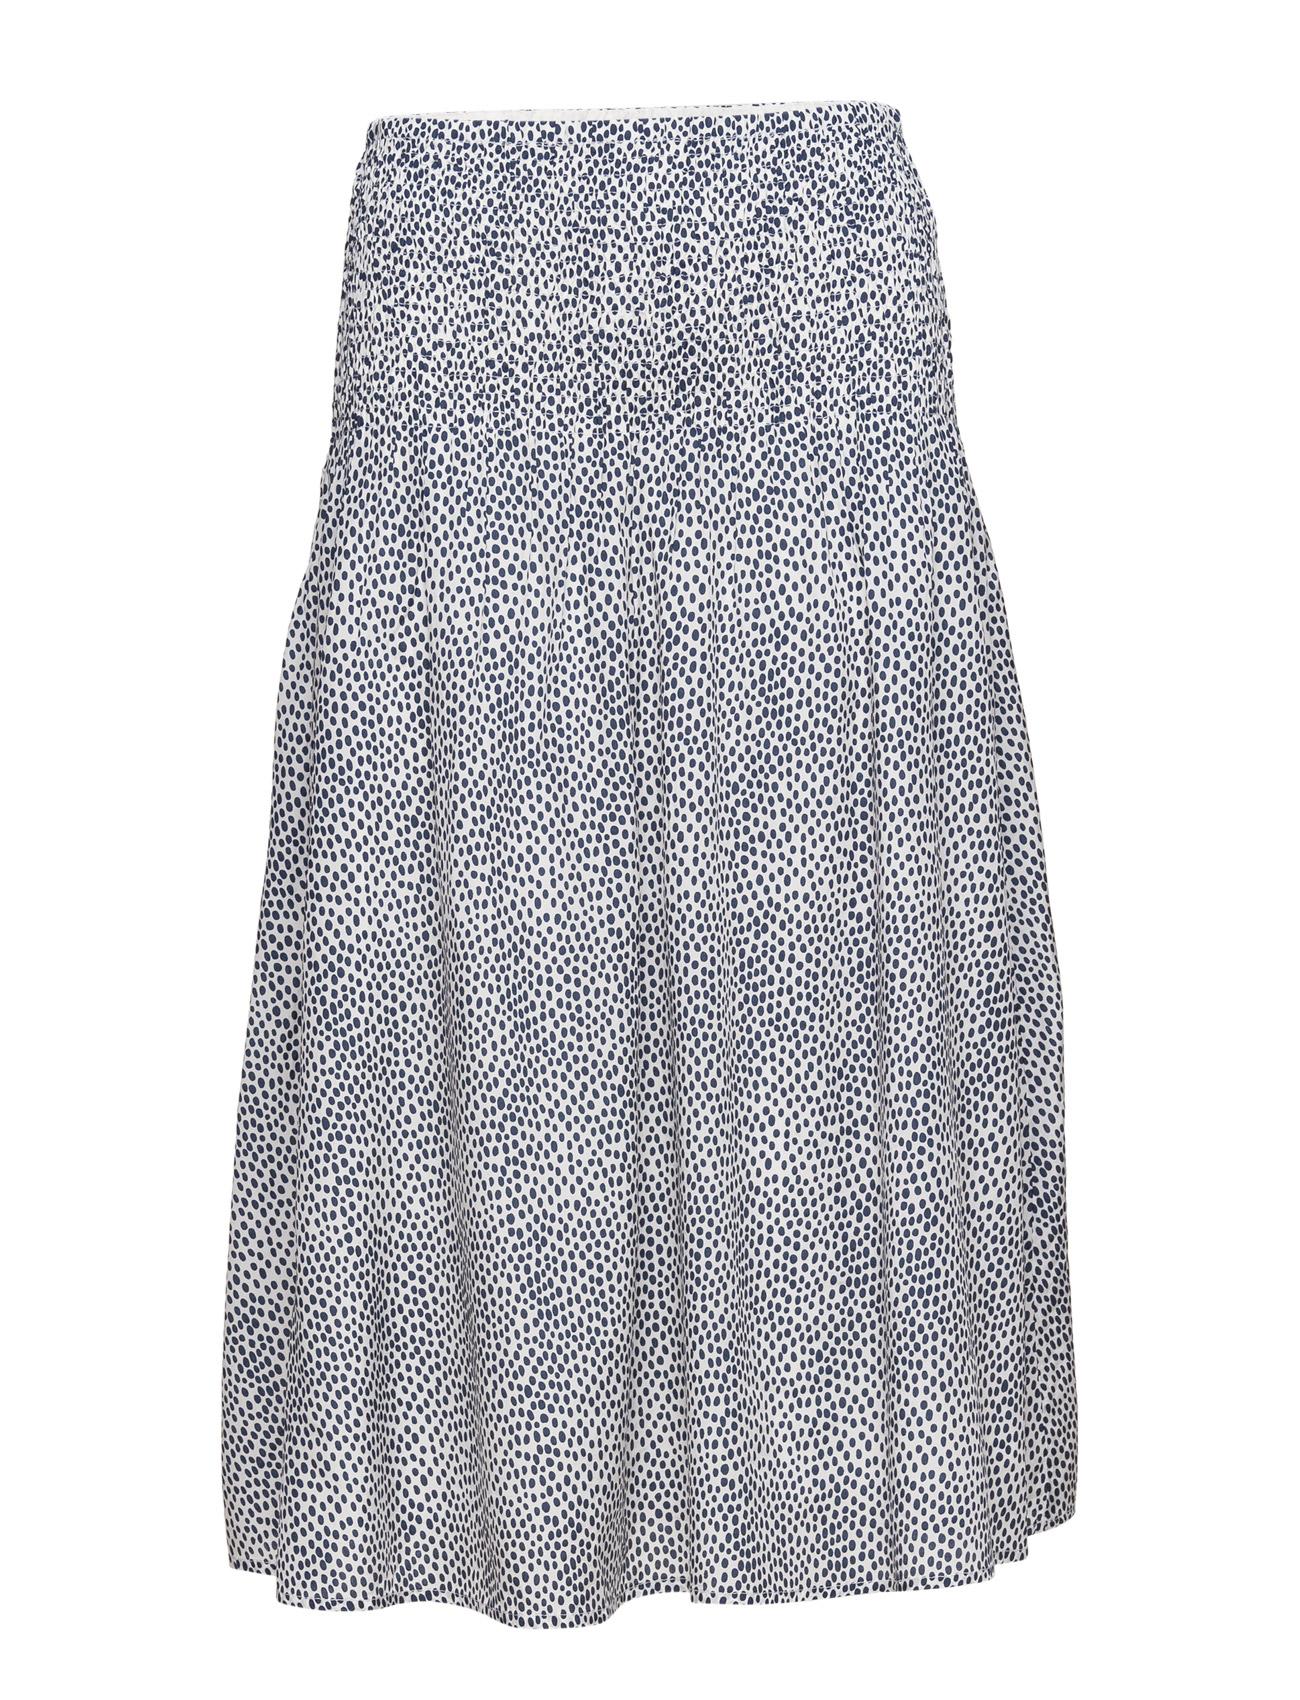 1e01235166bf Tacel Skirt Ao16 Gestuz Knælange   mellemlange til Kvinder i Navy Print